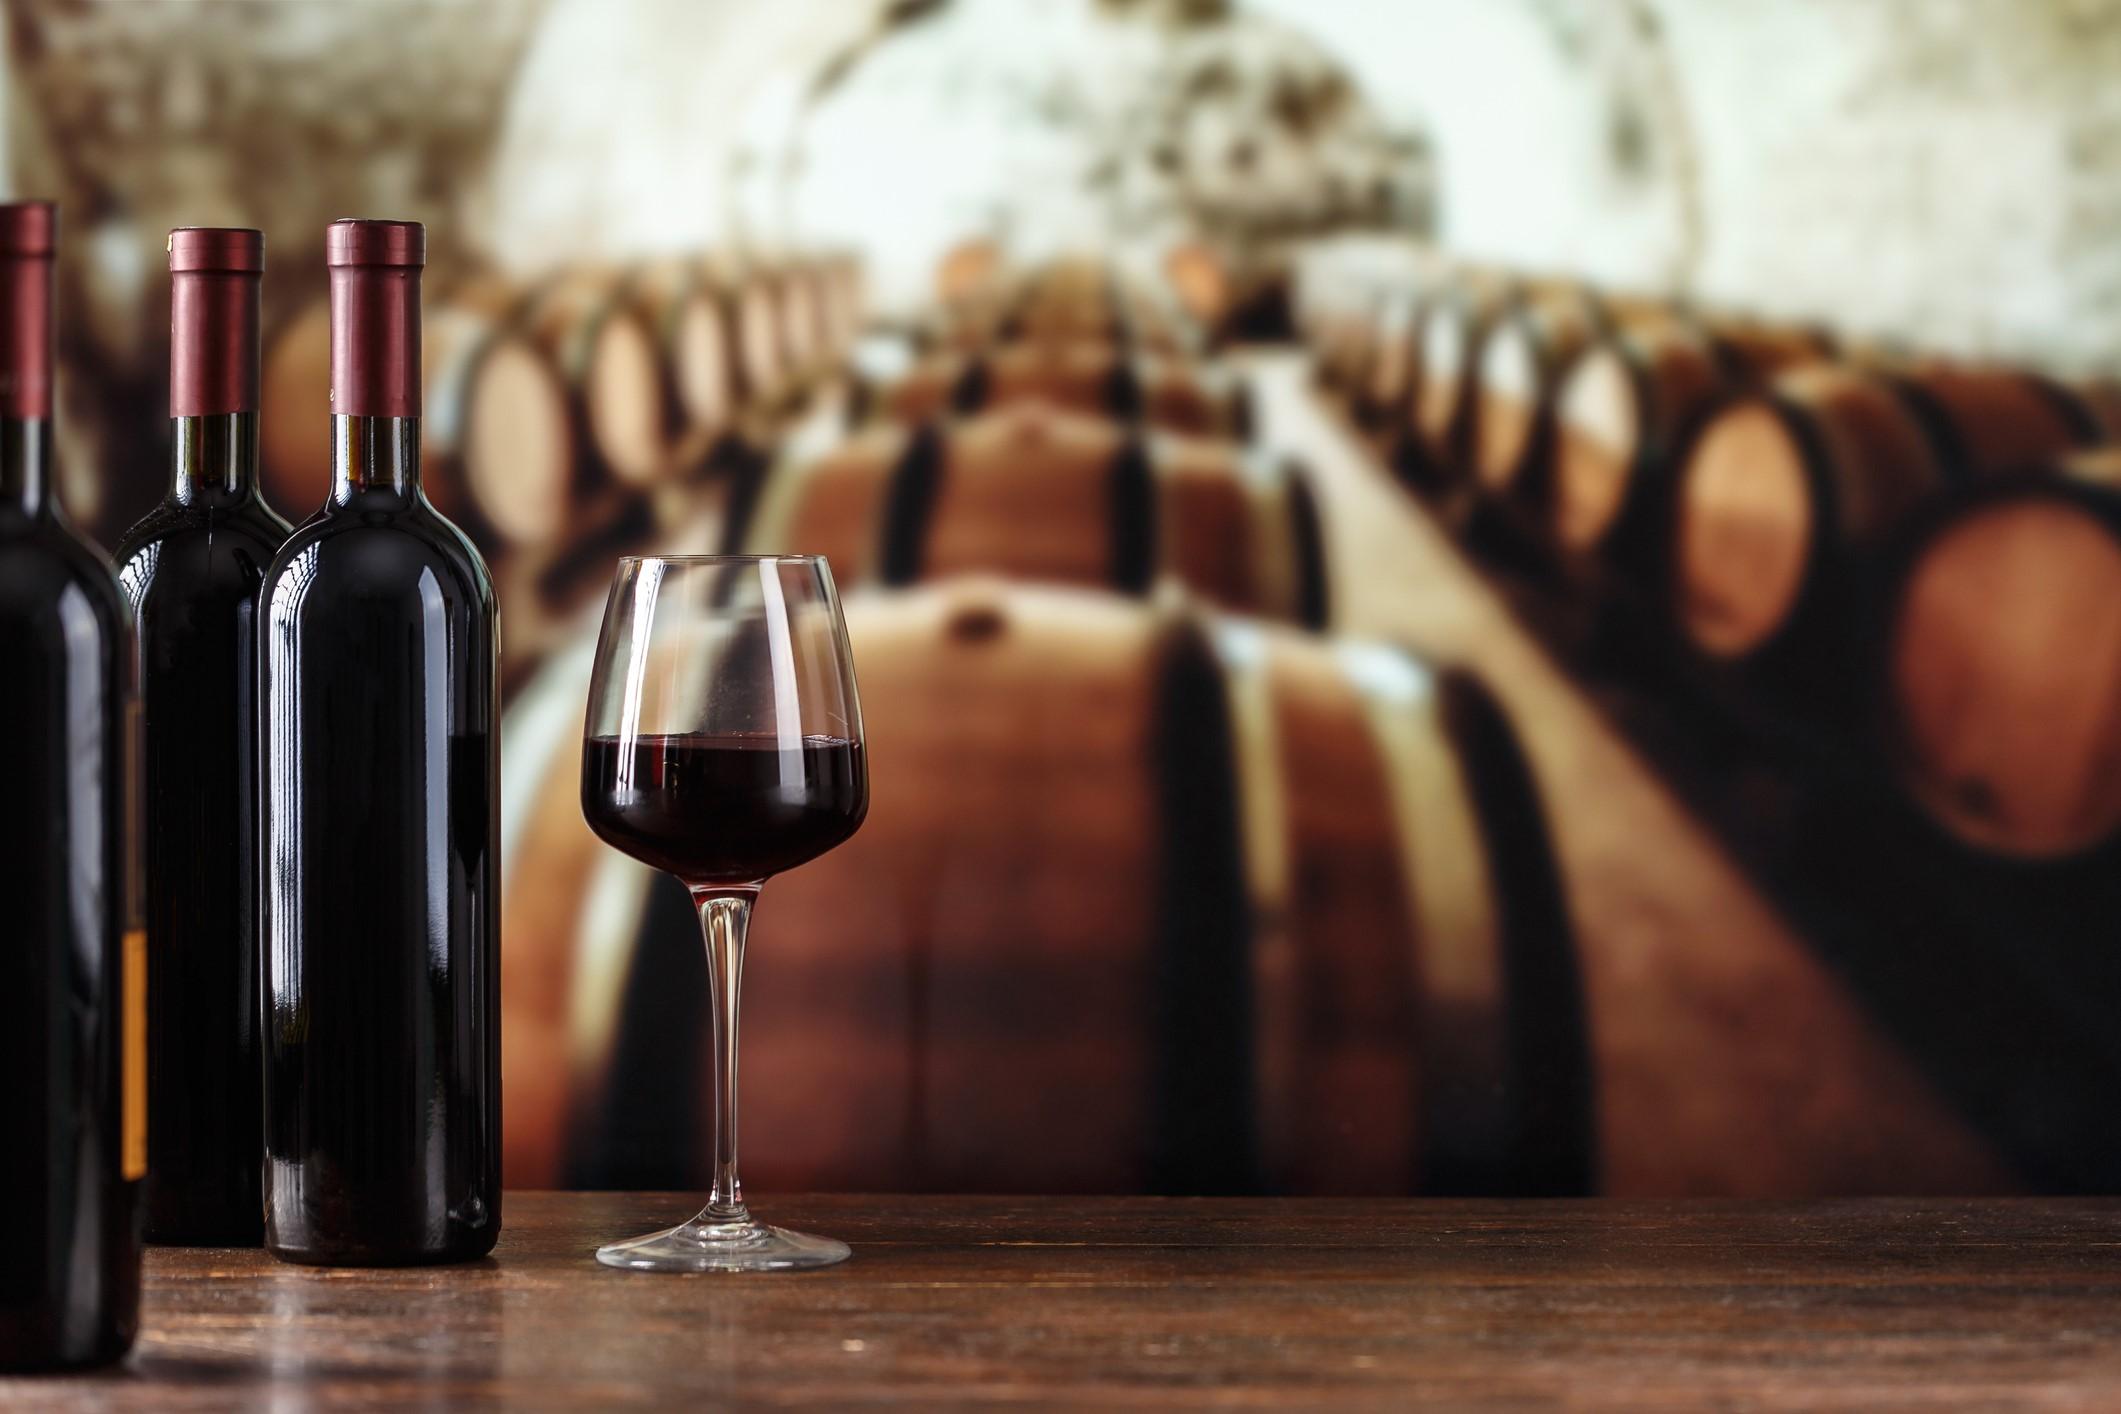 Beaucoup récolteront les raisins pour leur meilleur vin à la main et cueillir le reste à la machine, par exemple.